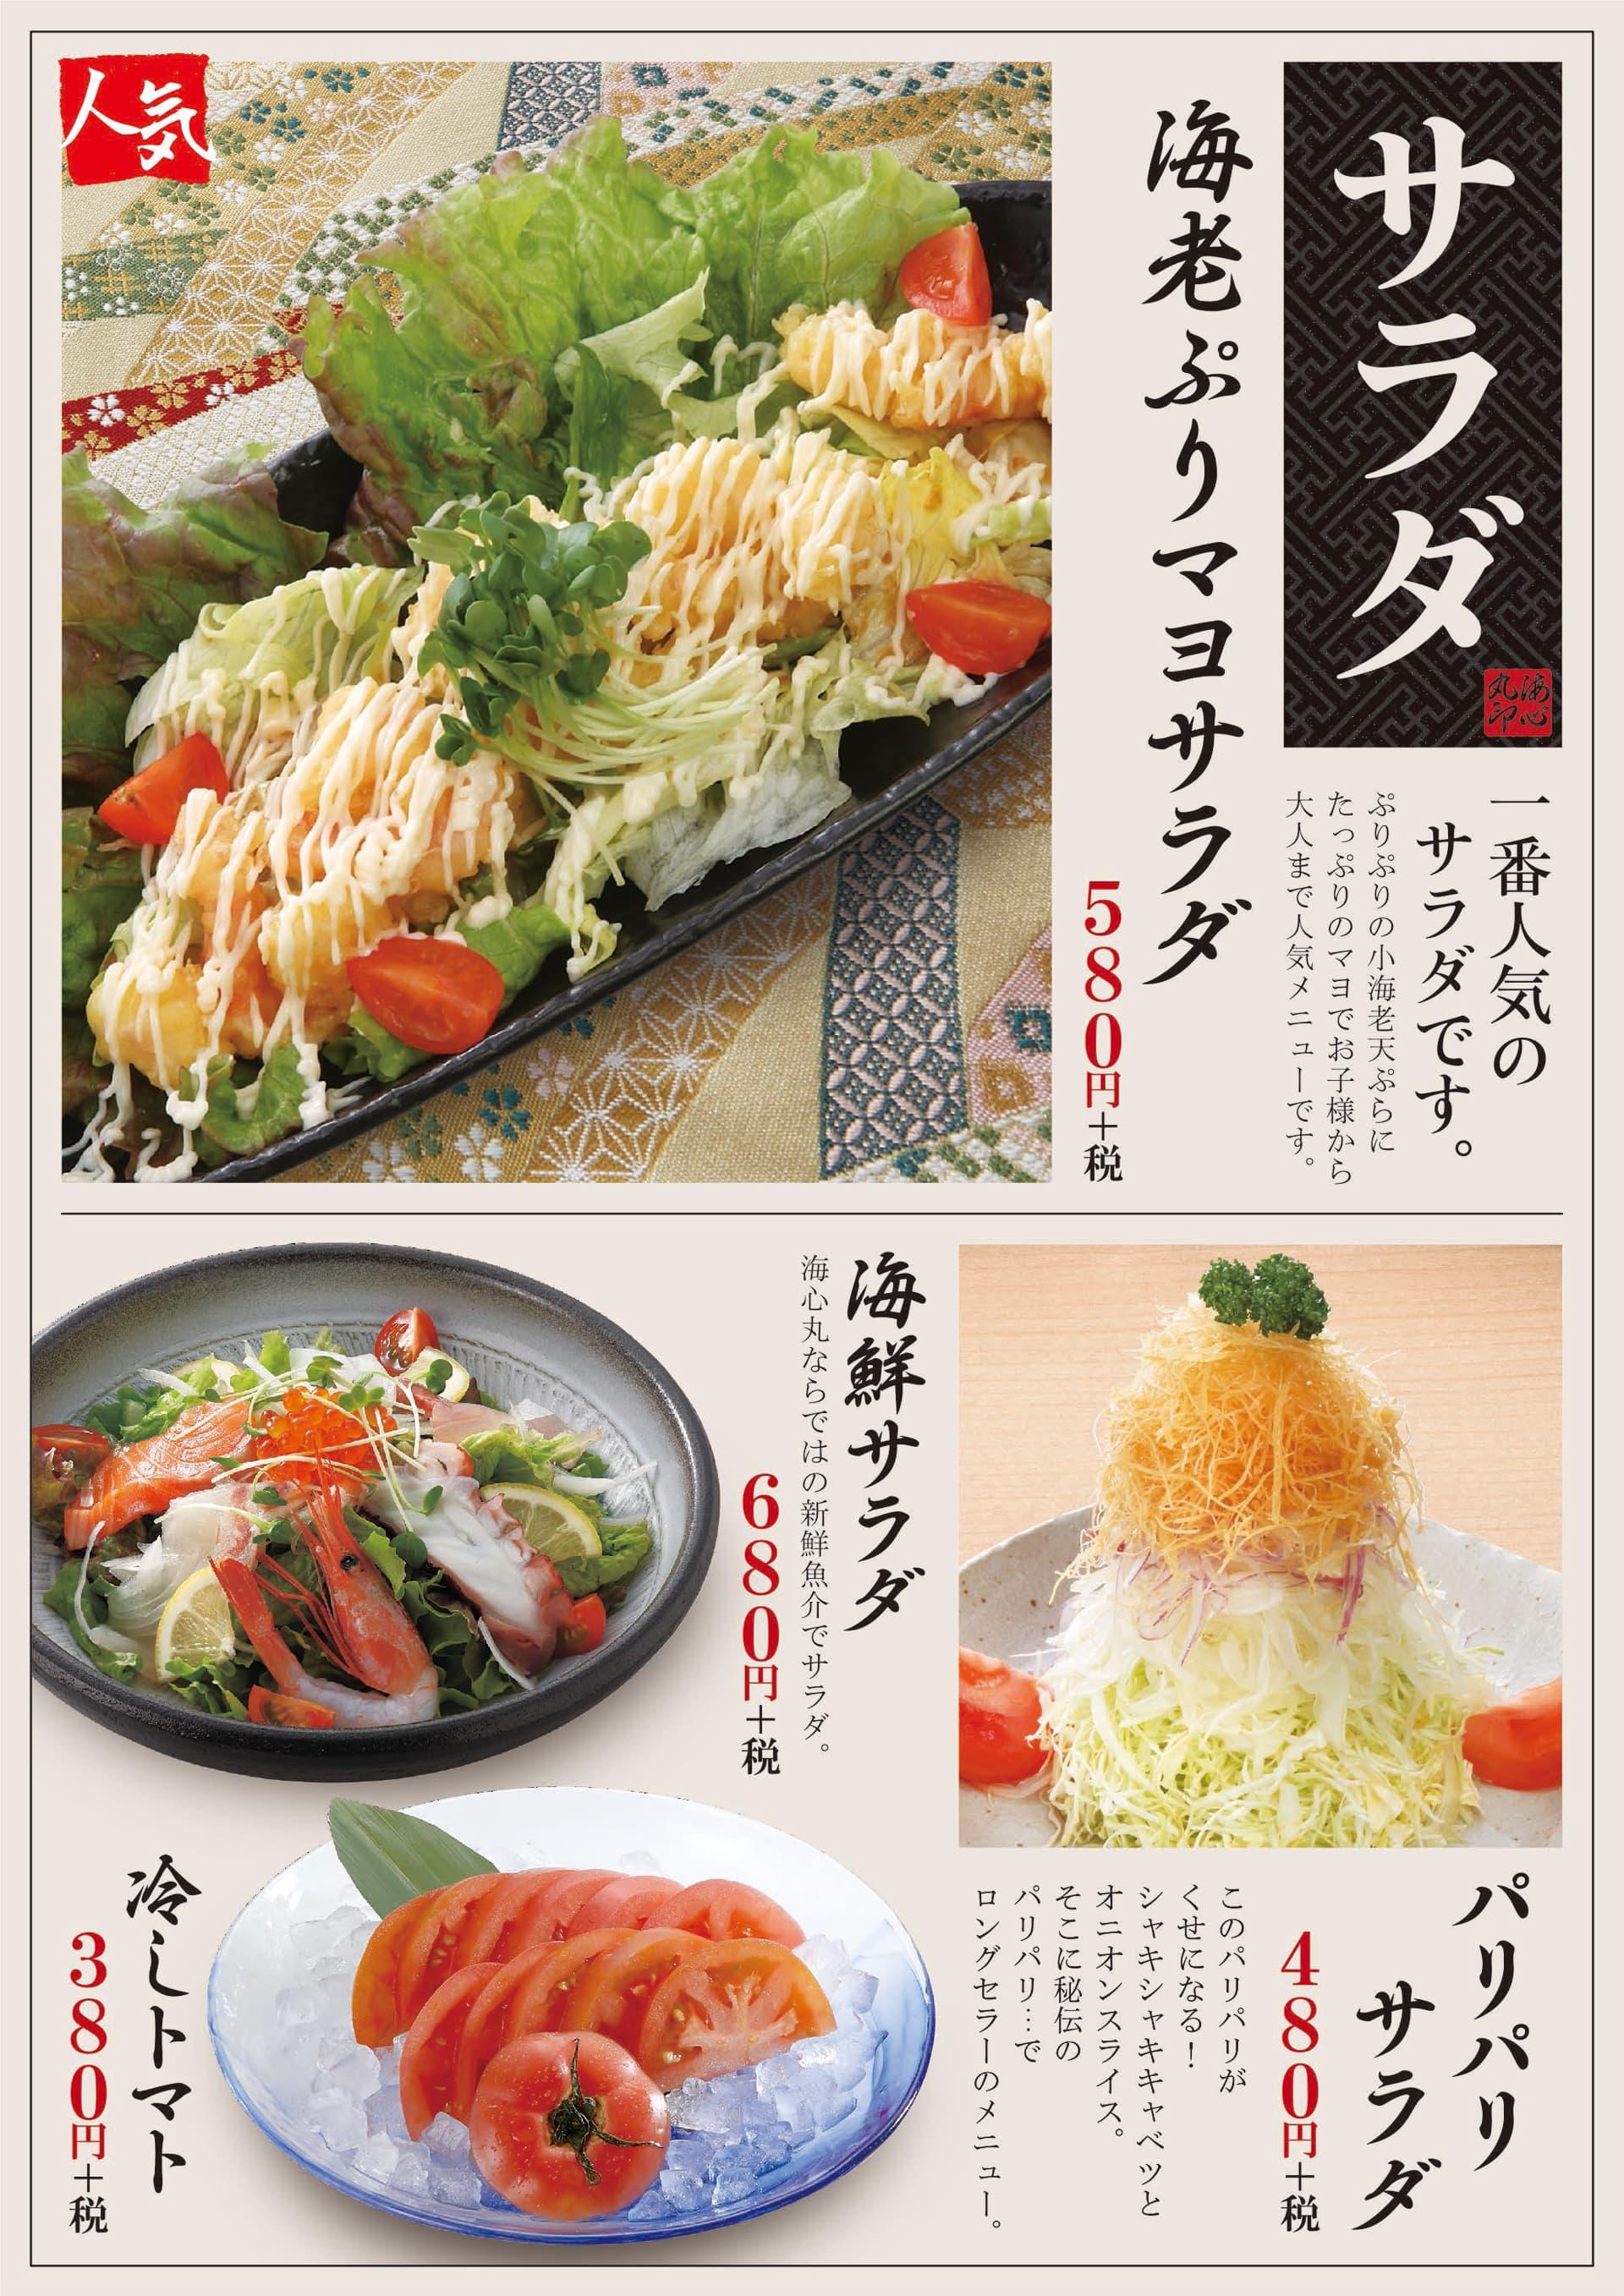 海心丸 サラダ